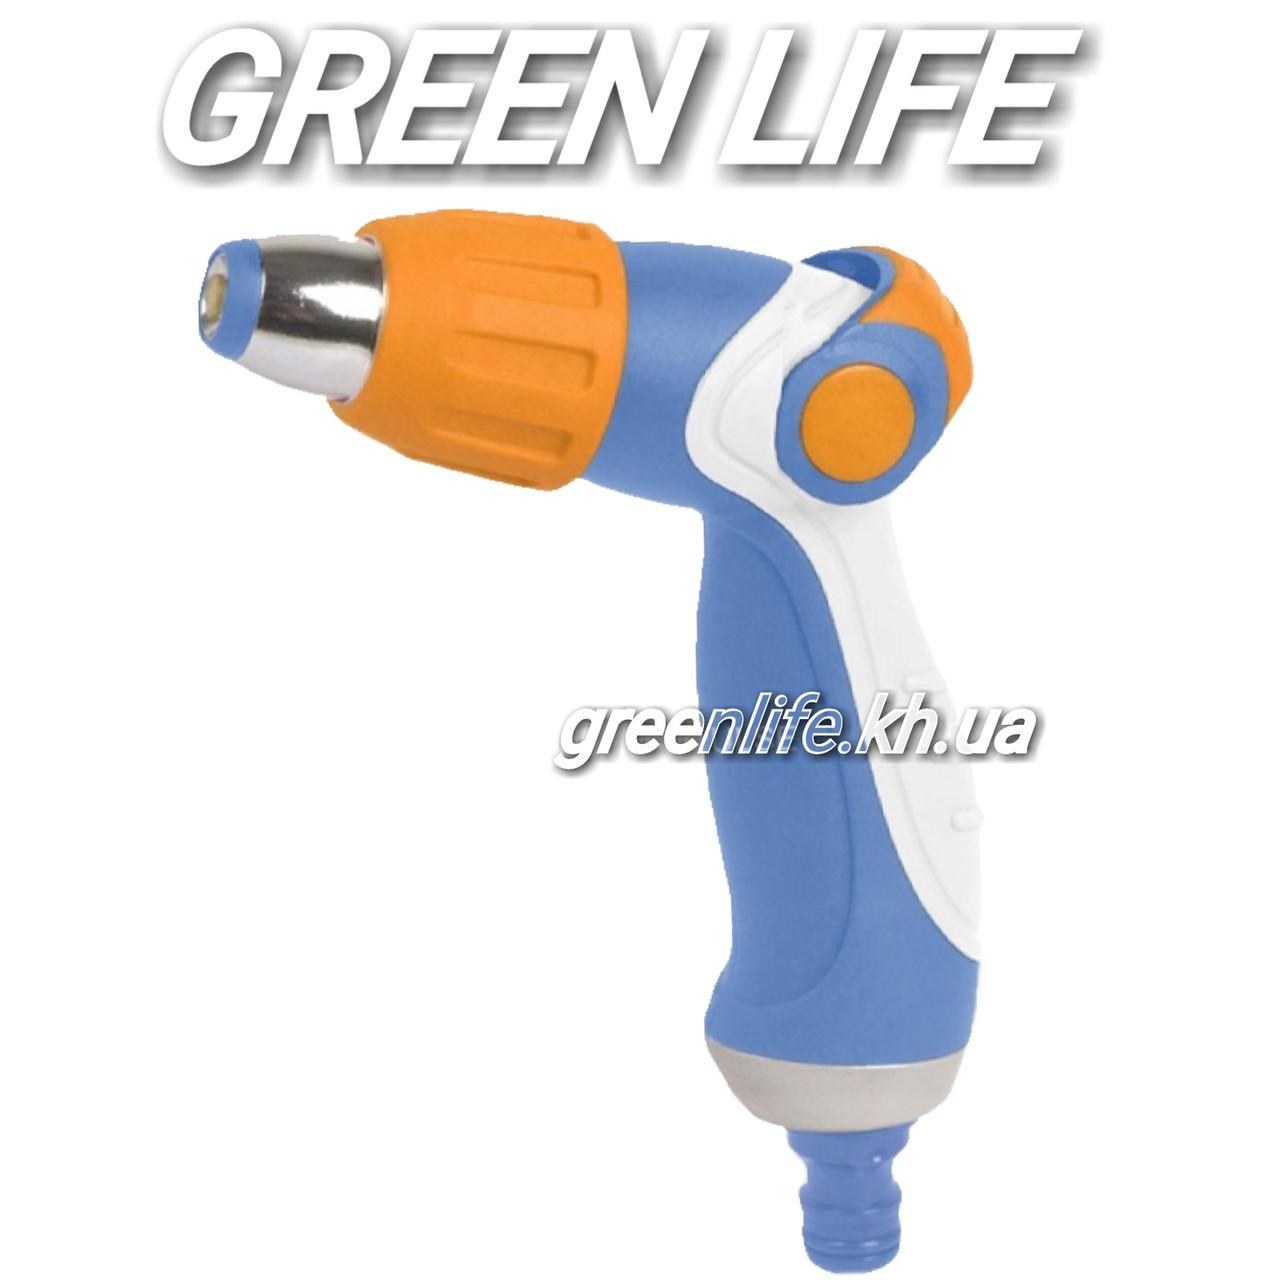 Пистолет регулируемый с контролирующим бегунком LUX  металлический Aquapulse